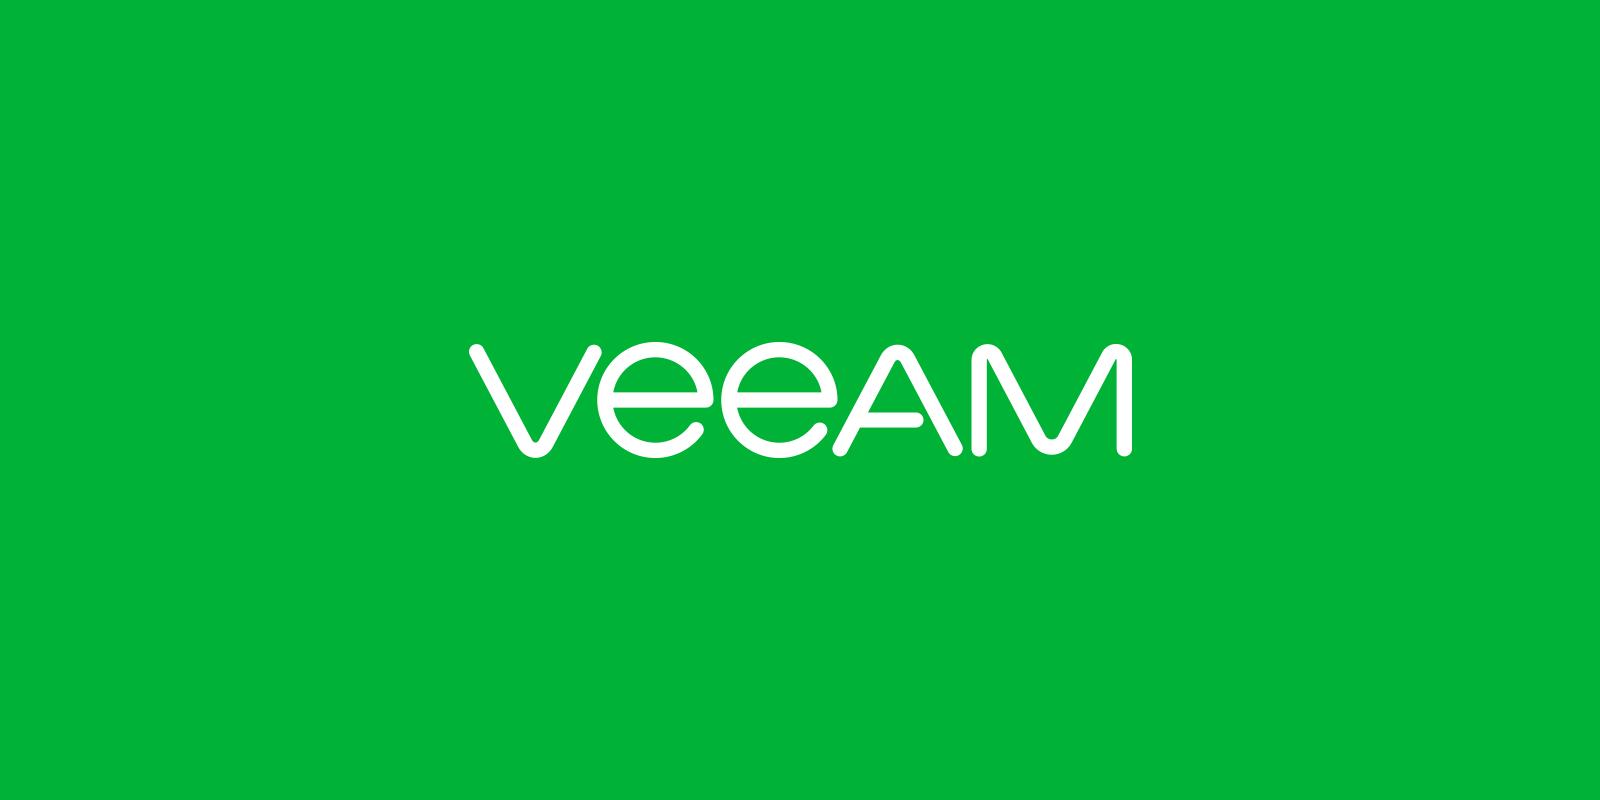 Get Actual Veeam Certified Engineer (VMCE) Exam Dumps PDF